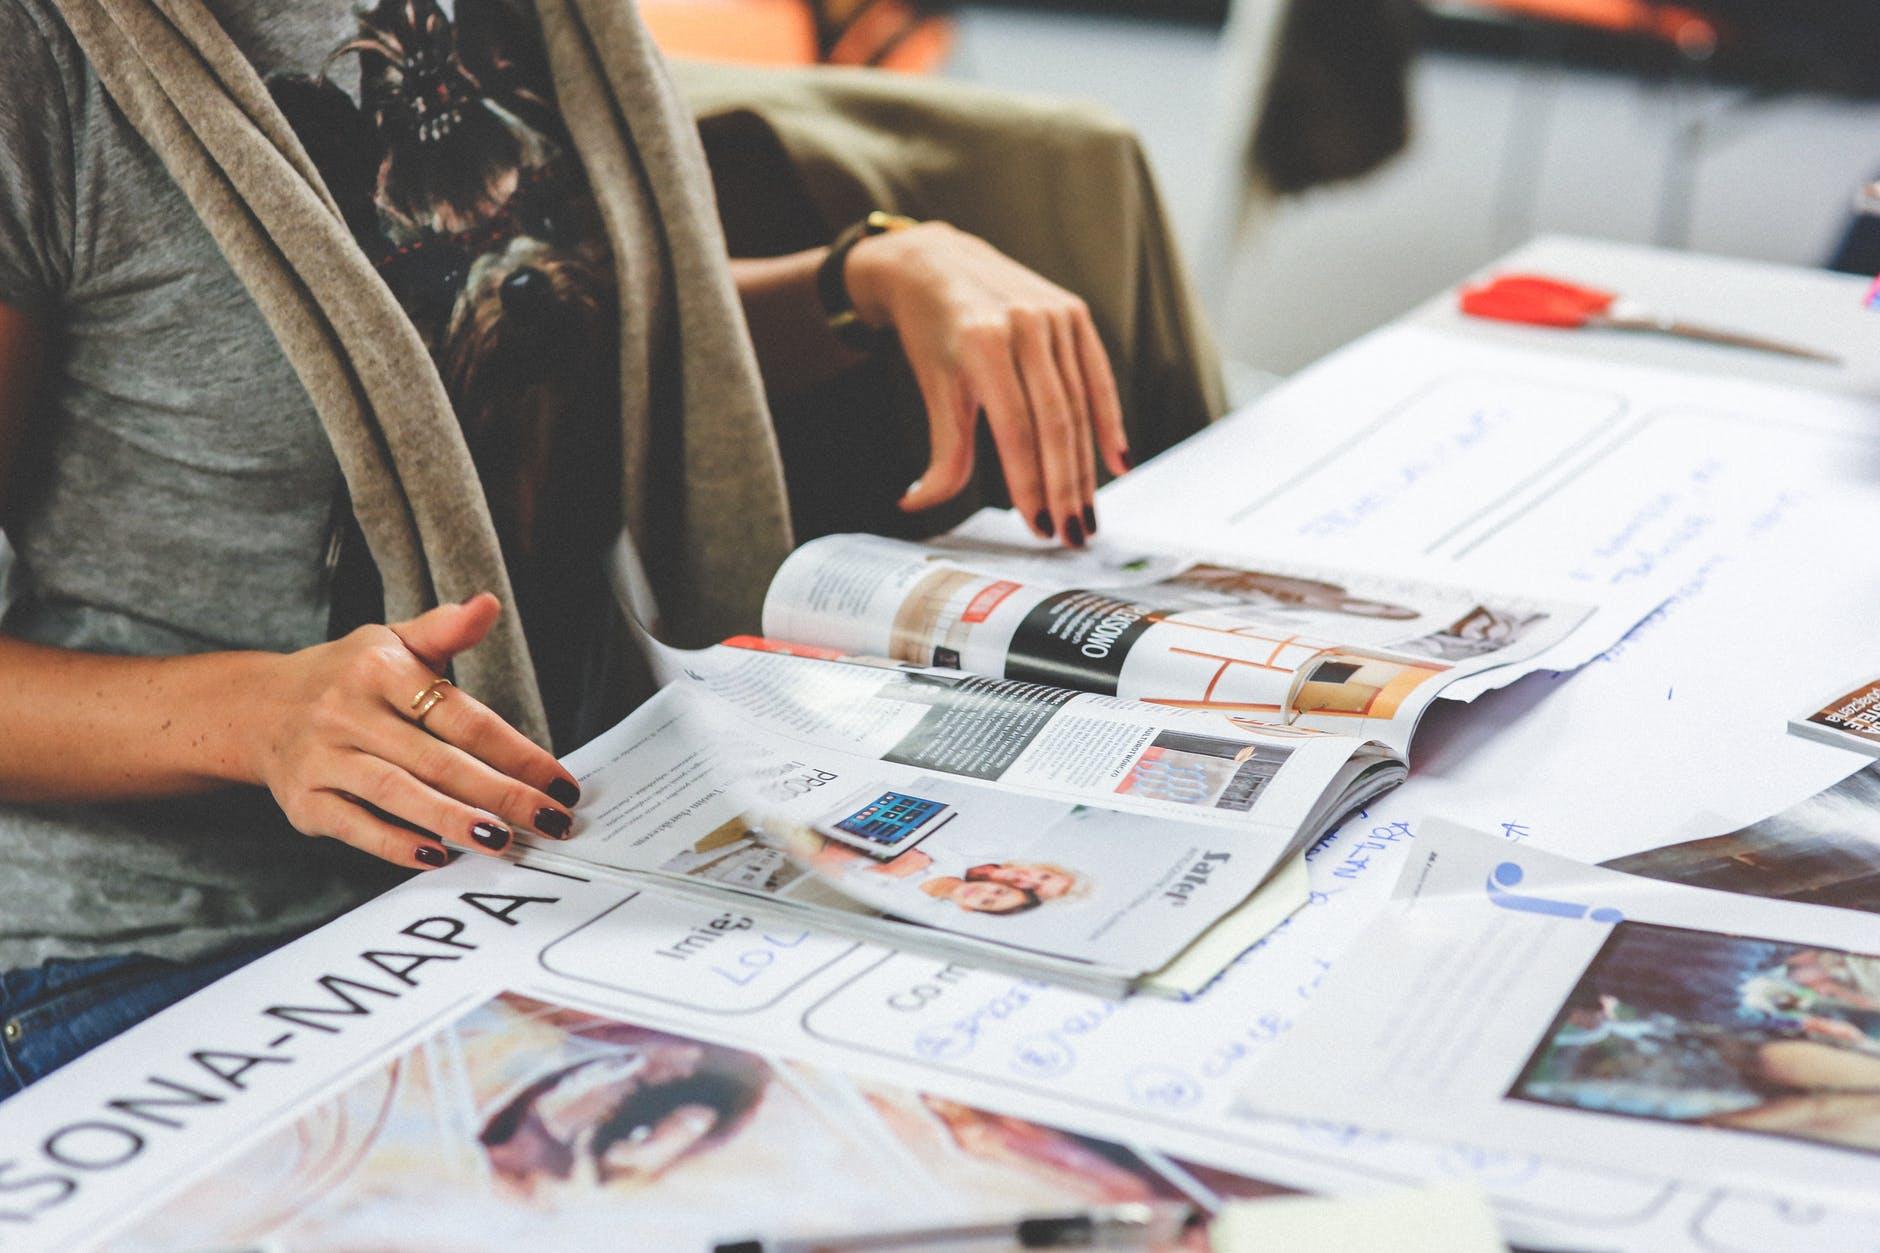 Publicar revistas ou banda desenhada na Bubok